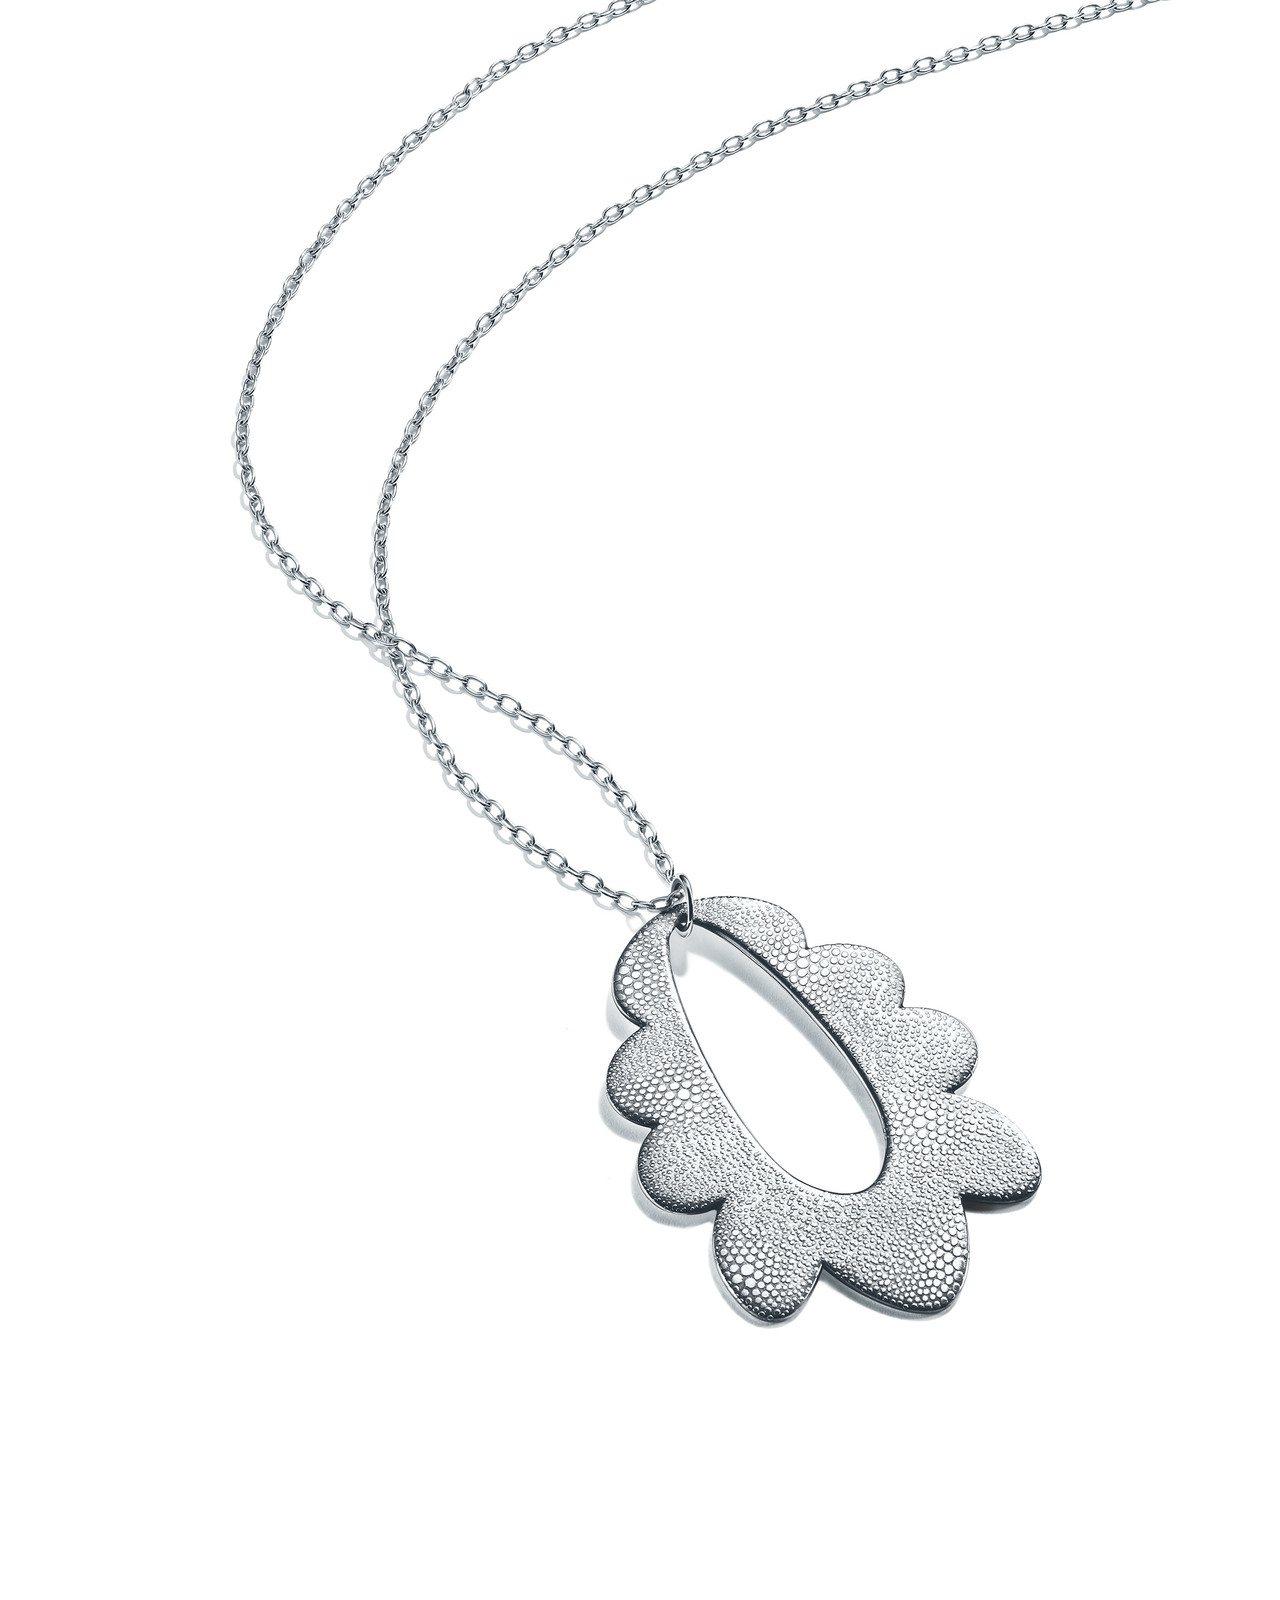 Tiffany與惠特尼雙年展藝術家合作系列作品,雛菊鍊墜,由Carrie Moy...